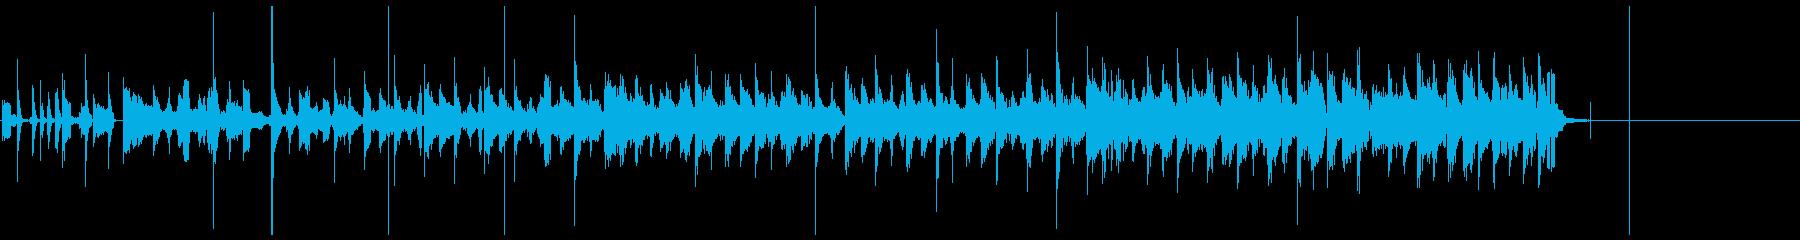 オーケストラ効果のあるヒップホップ...の再生済みの波形